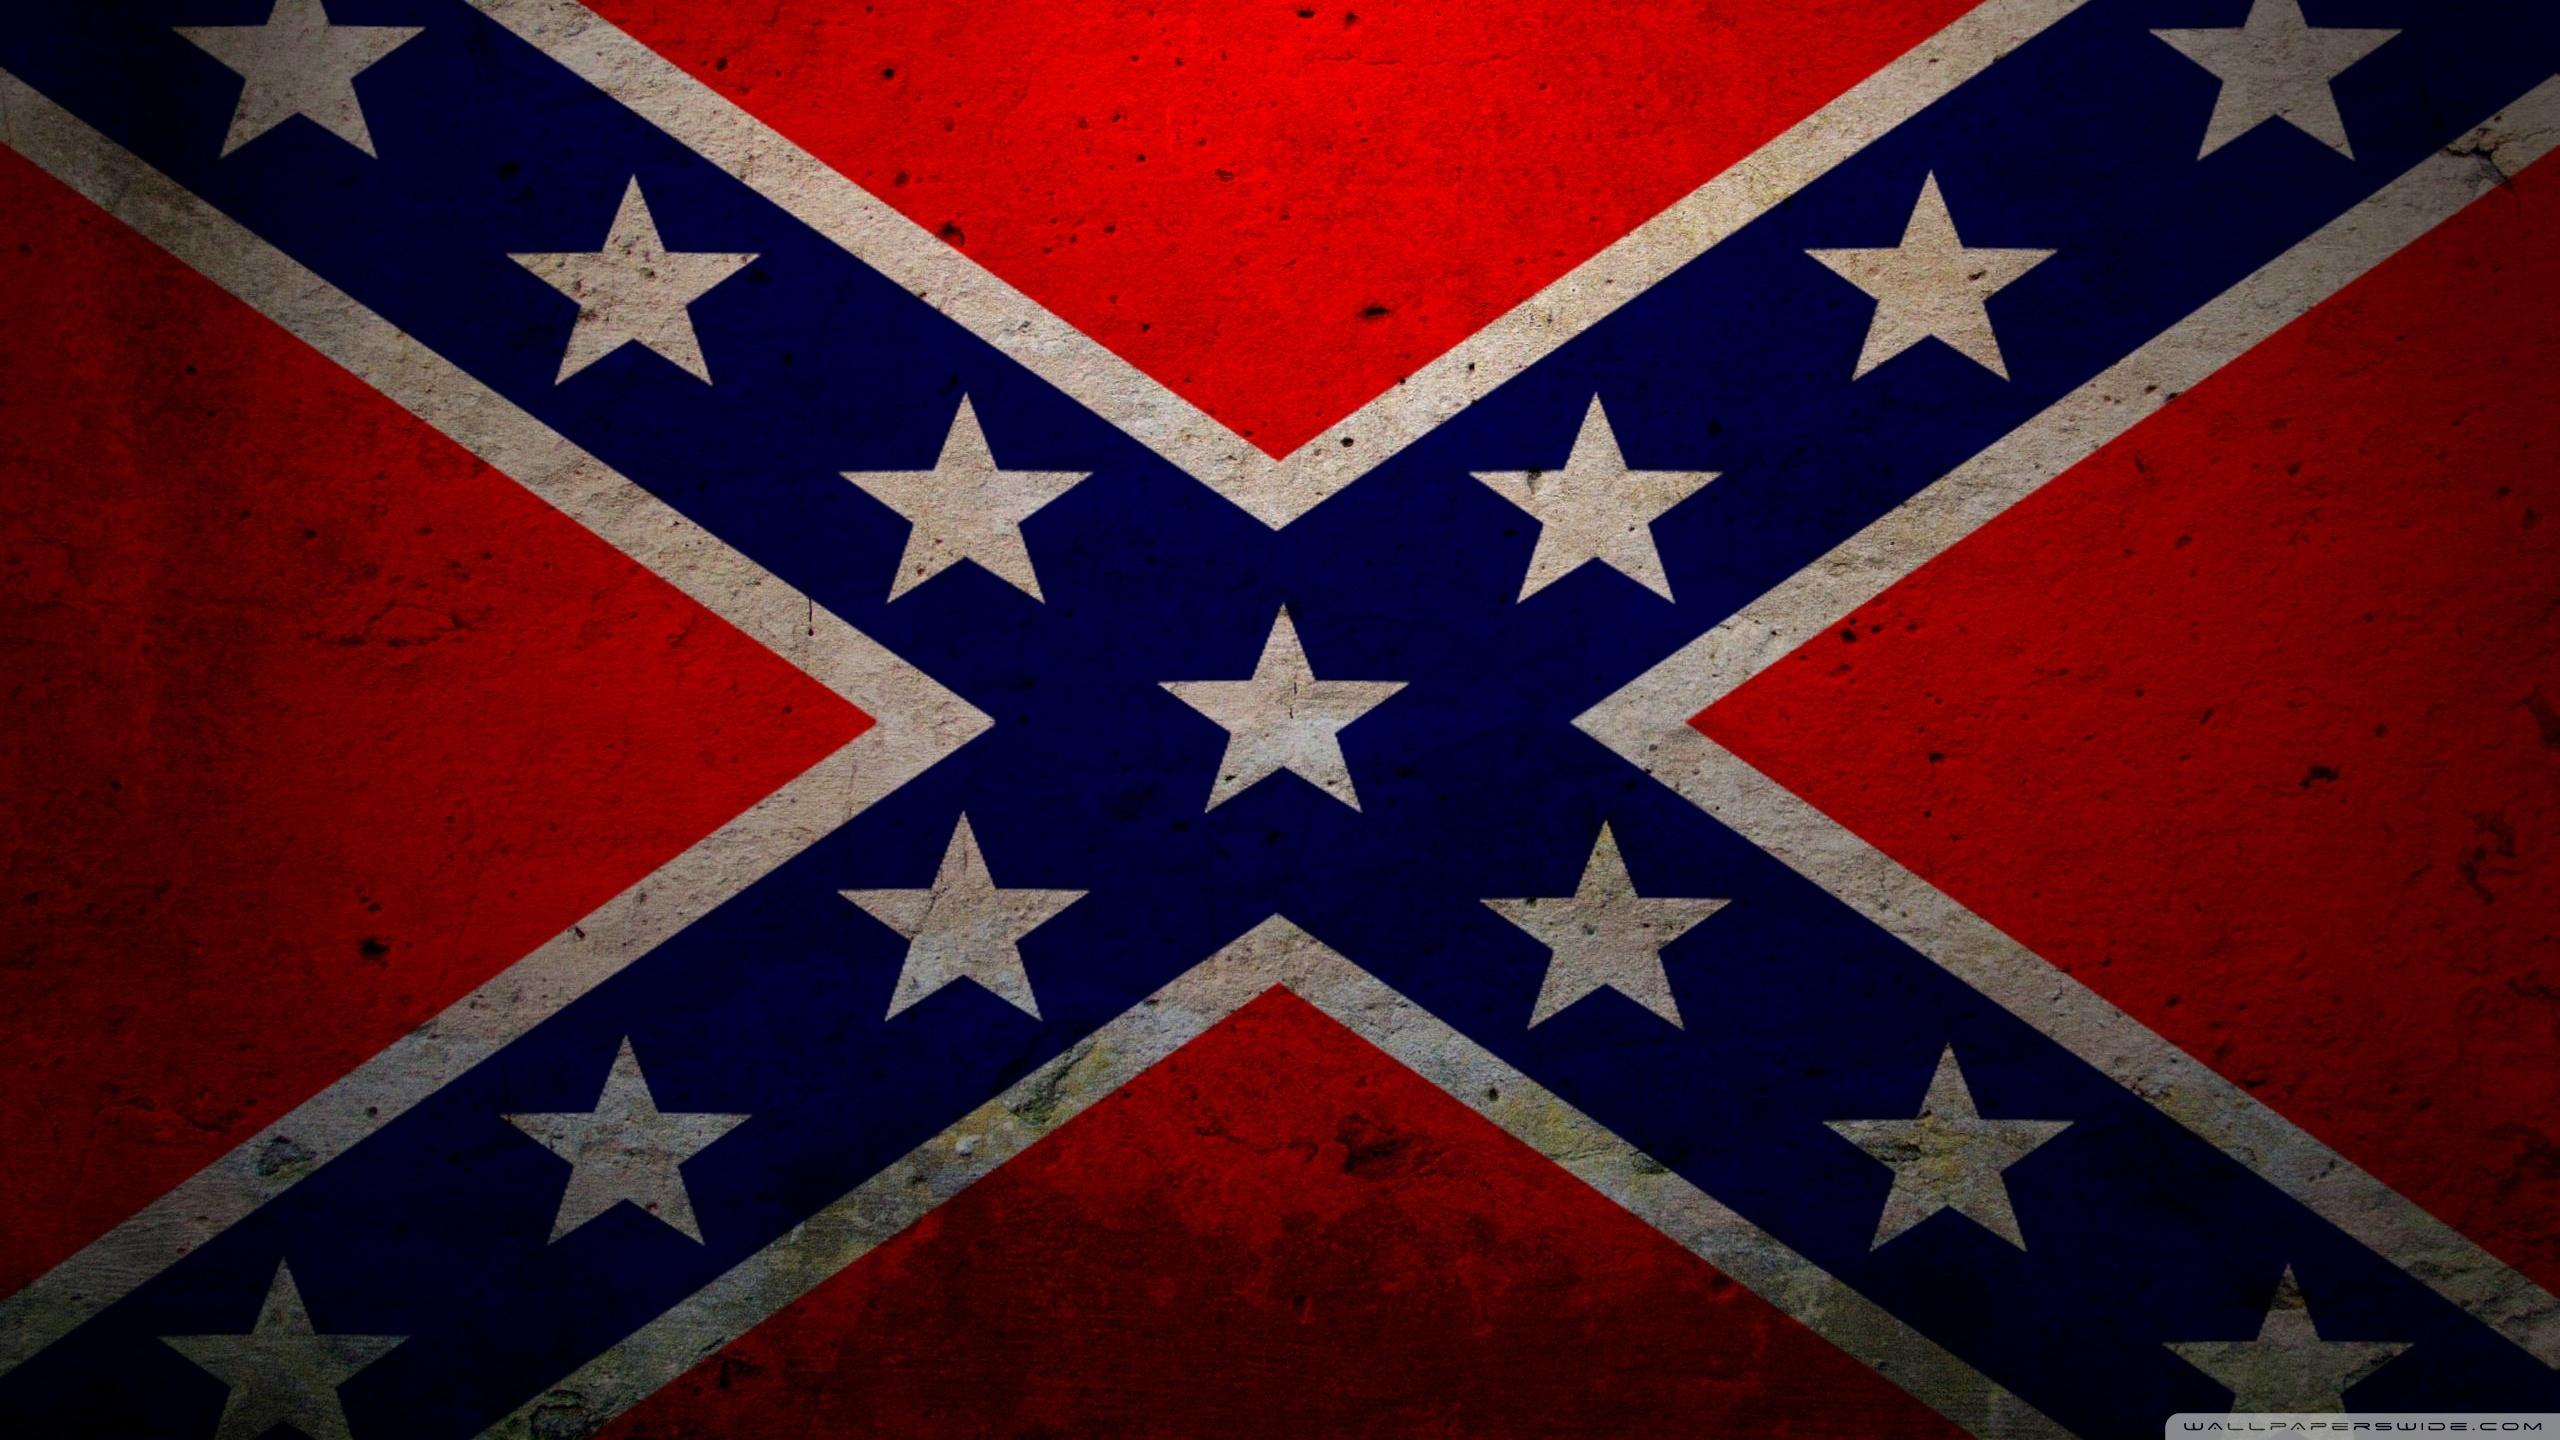 confederate flag ❤ 4k hd desktop wallpaper for 4k ultra hd tv